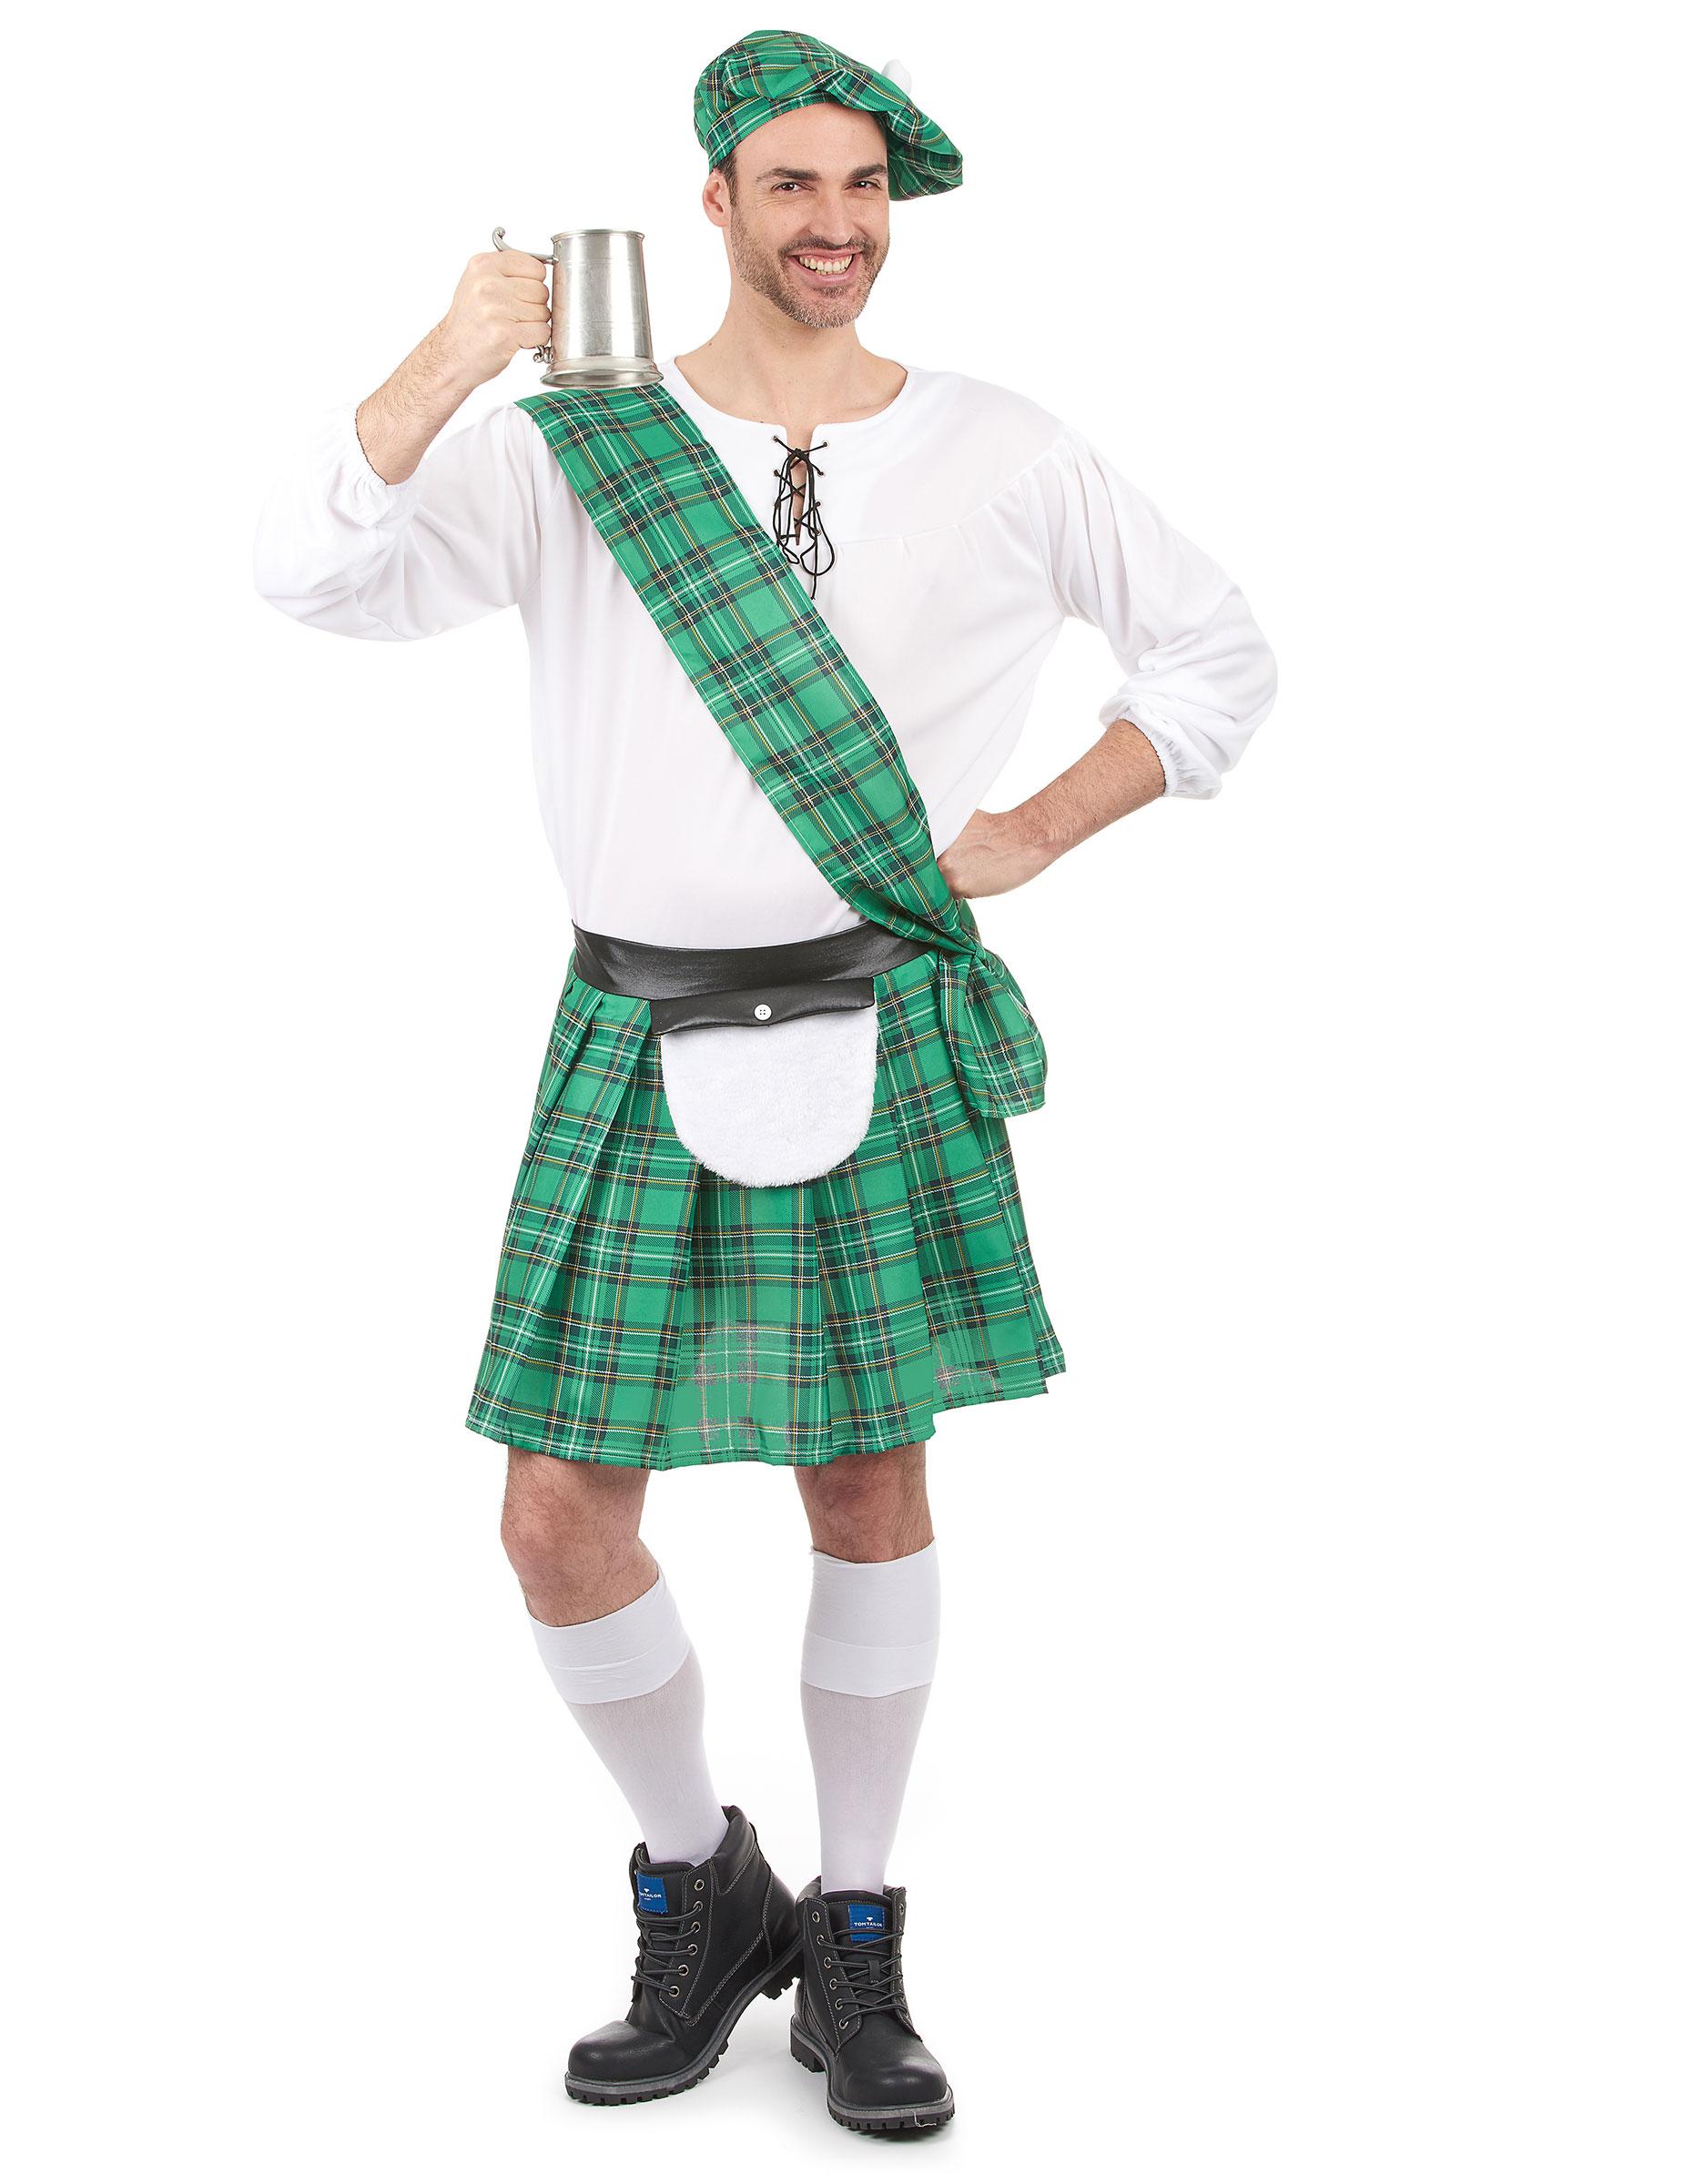 D guisement cossais vert homme achat de d guisements adultes sur vegaoopro grossiste en - Deguisement en o ...